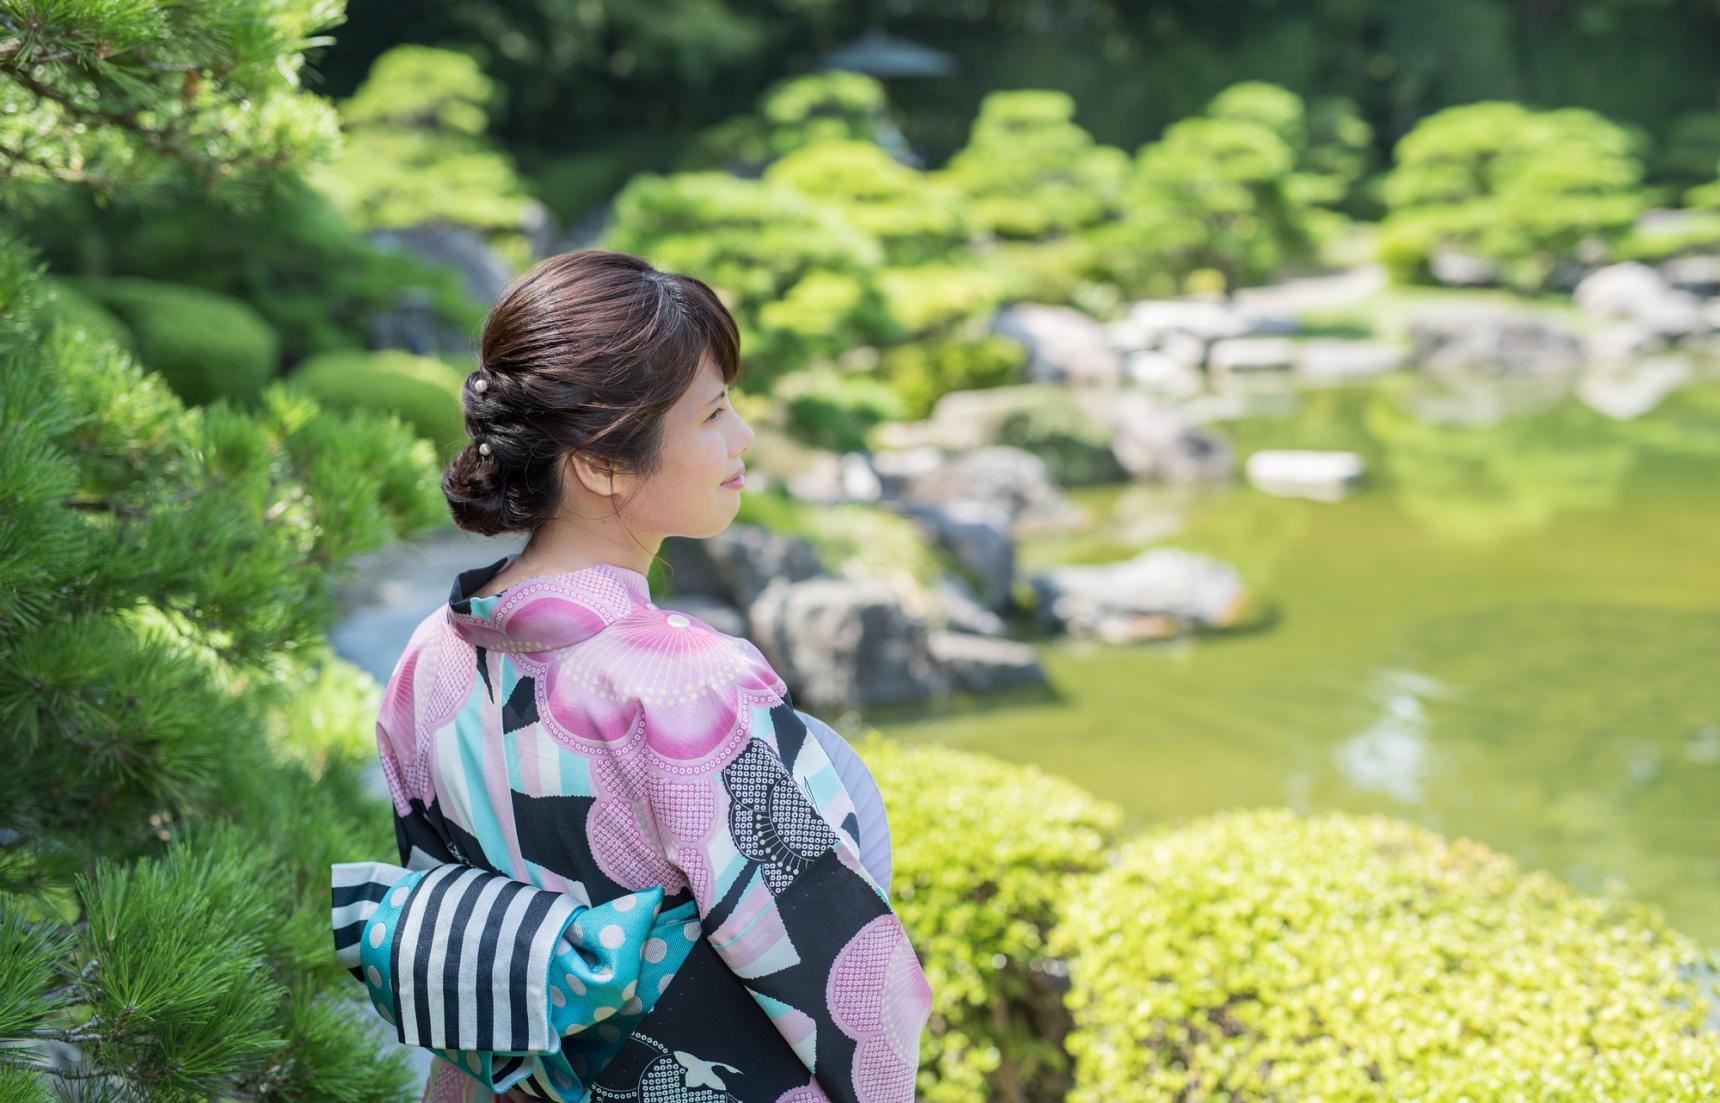 日本福冈自由行:谁说博多只有拉面?漫步寺庙古迹拍照超美!博多游逛攻略